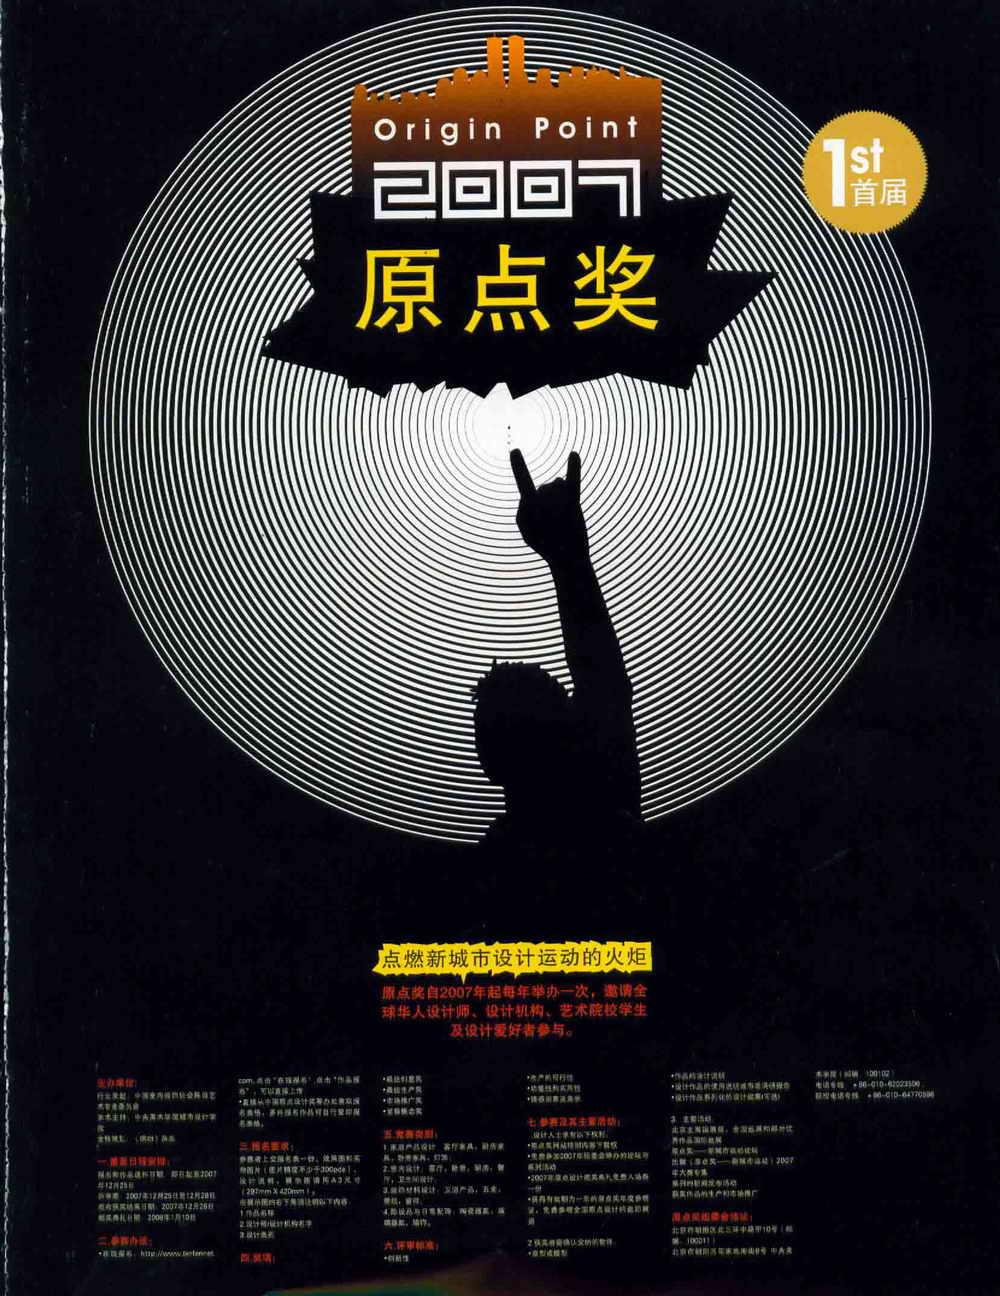 2007原点奖